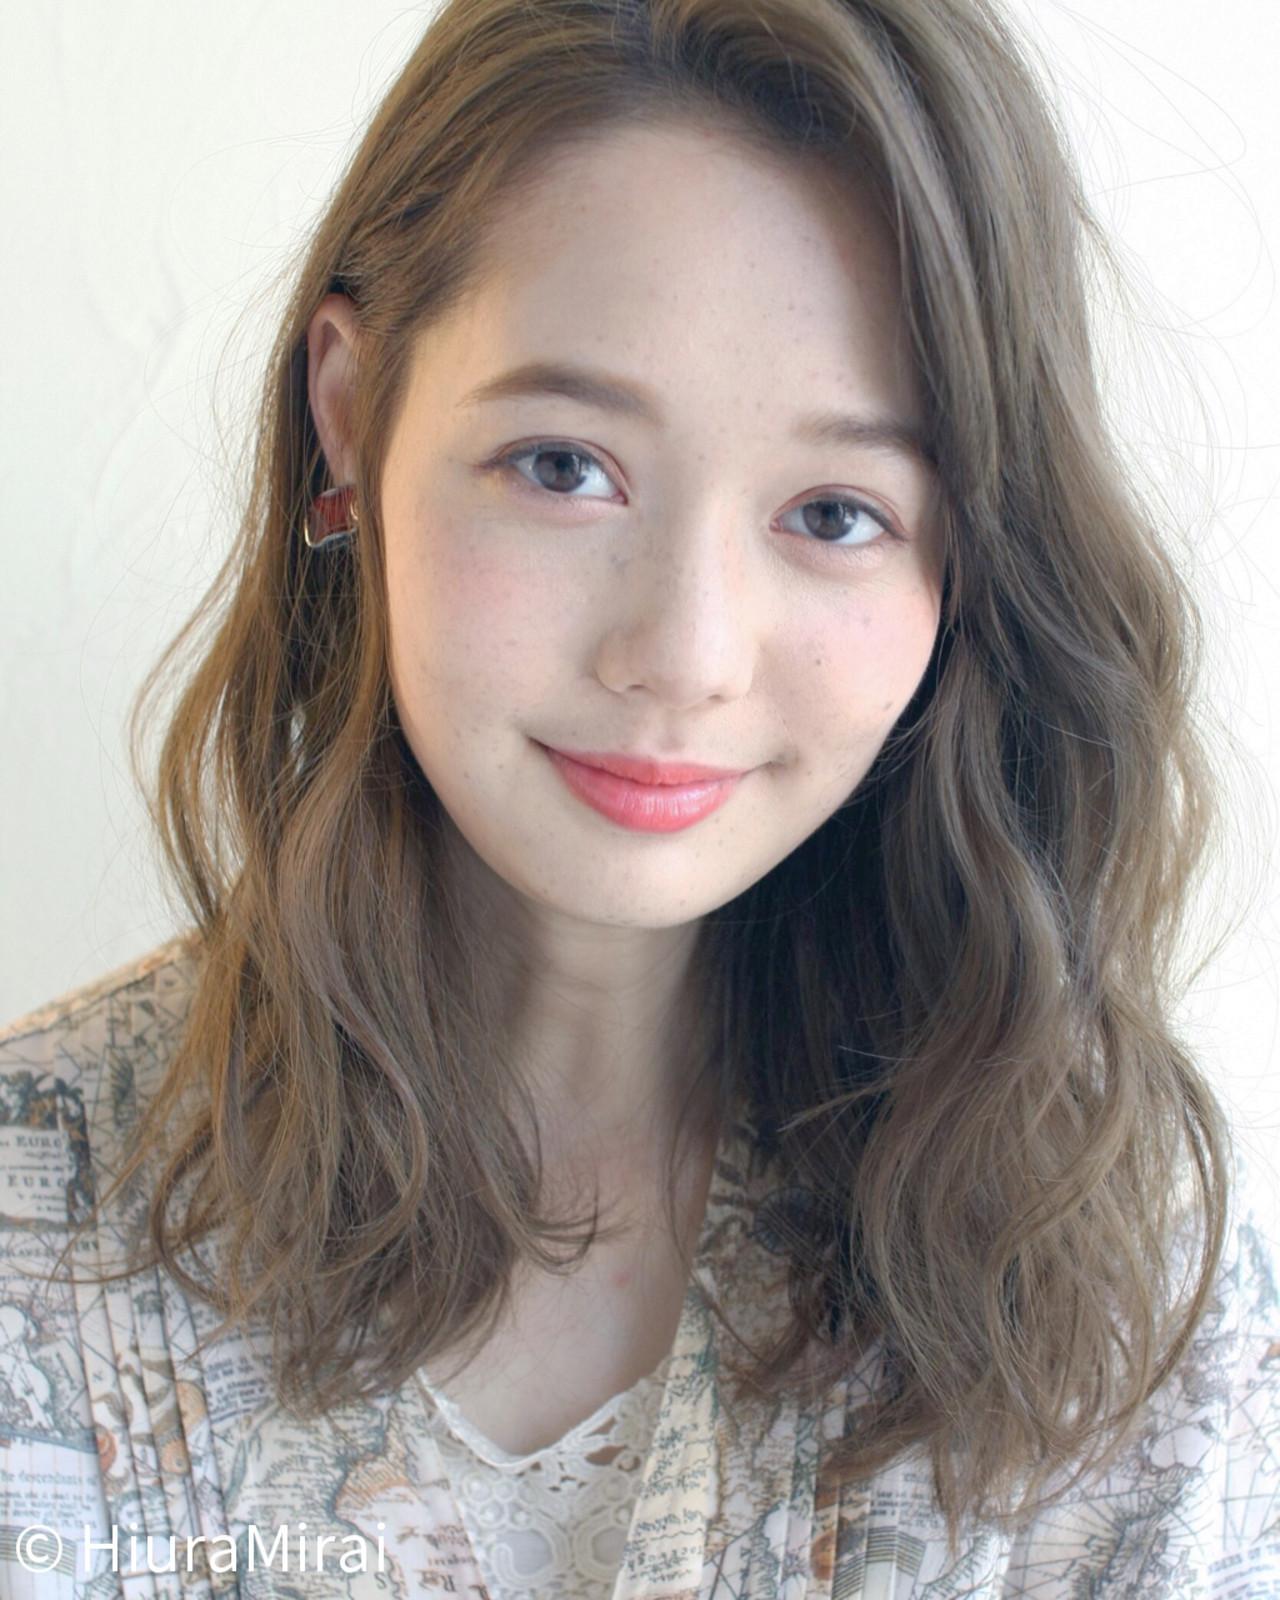 【最新版】人気のセミロングヘアはこれ♡ヘアアレンジ&髪型一覧の16枚目の画像